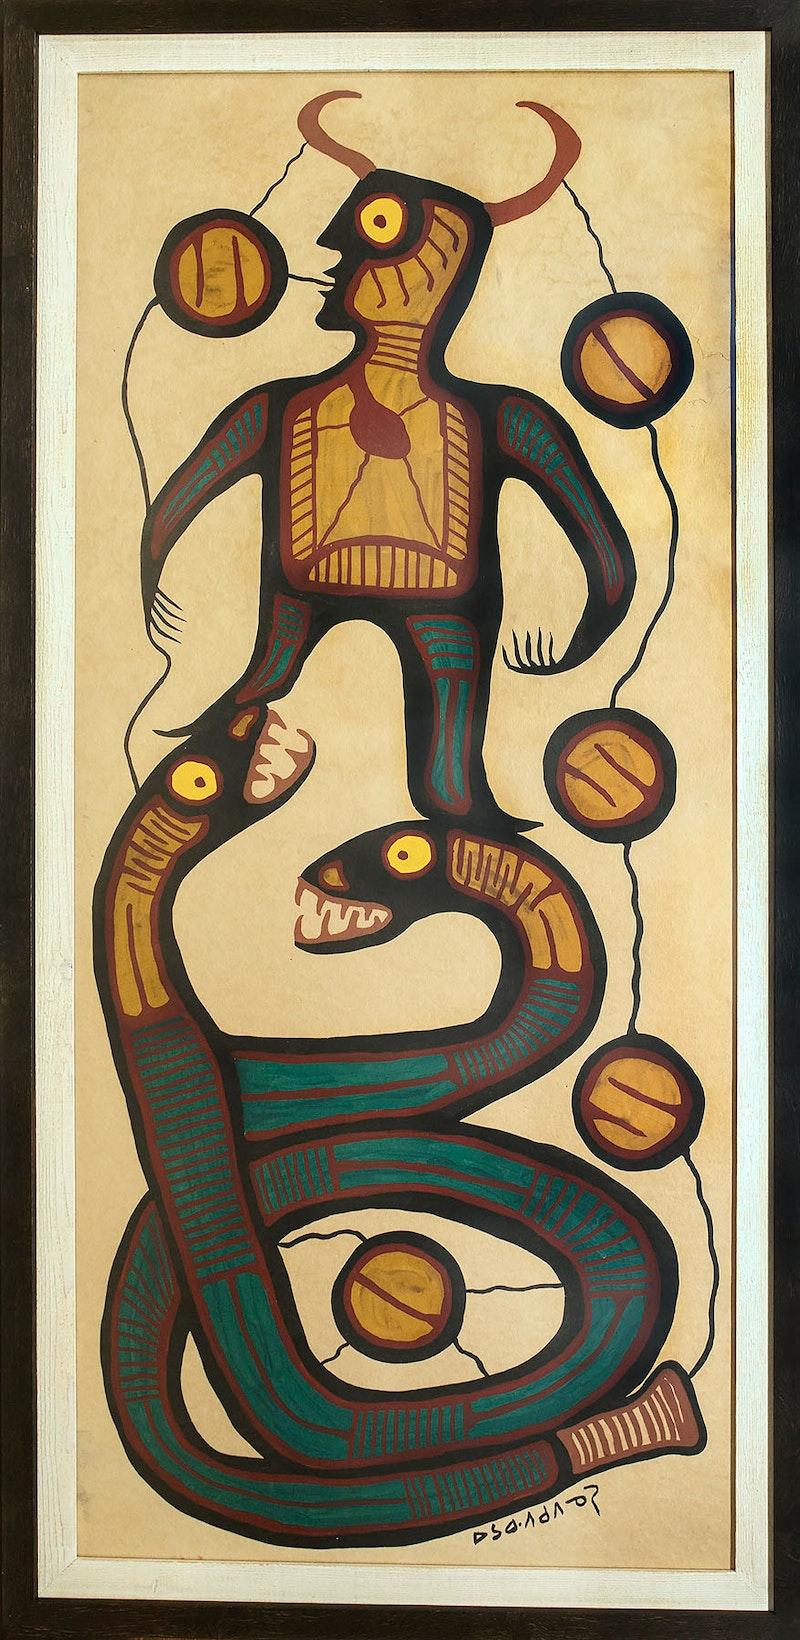 Shaman and Serpents Image 1